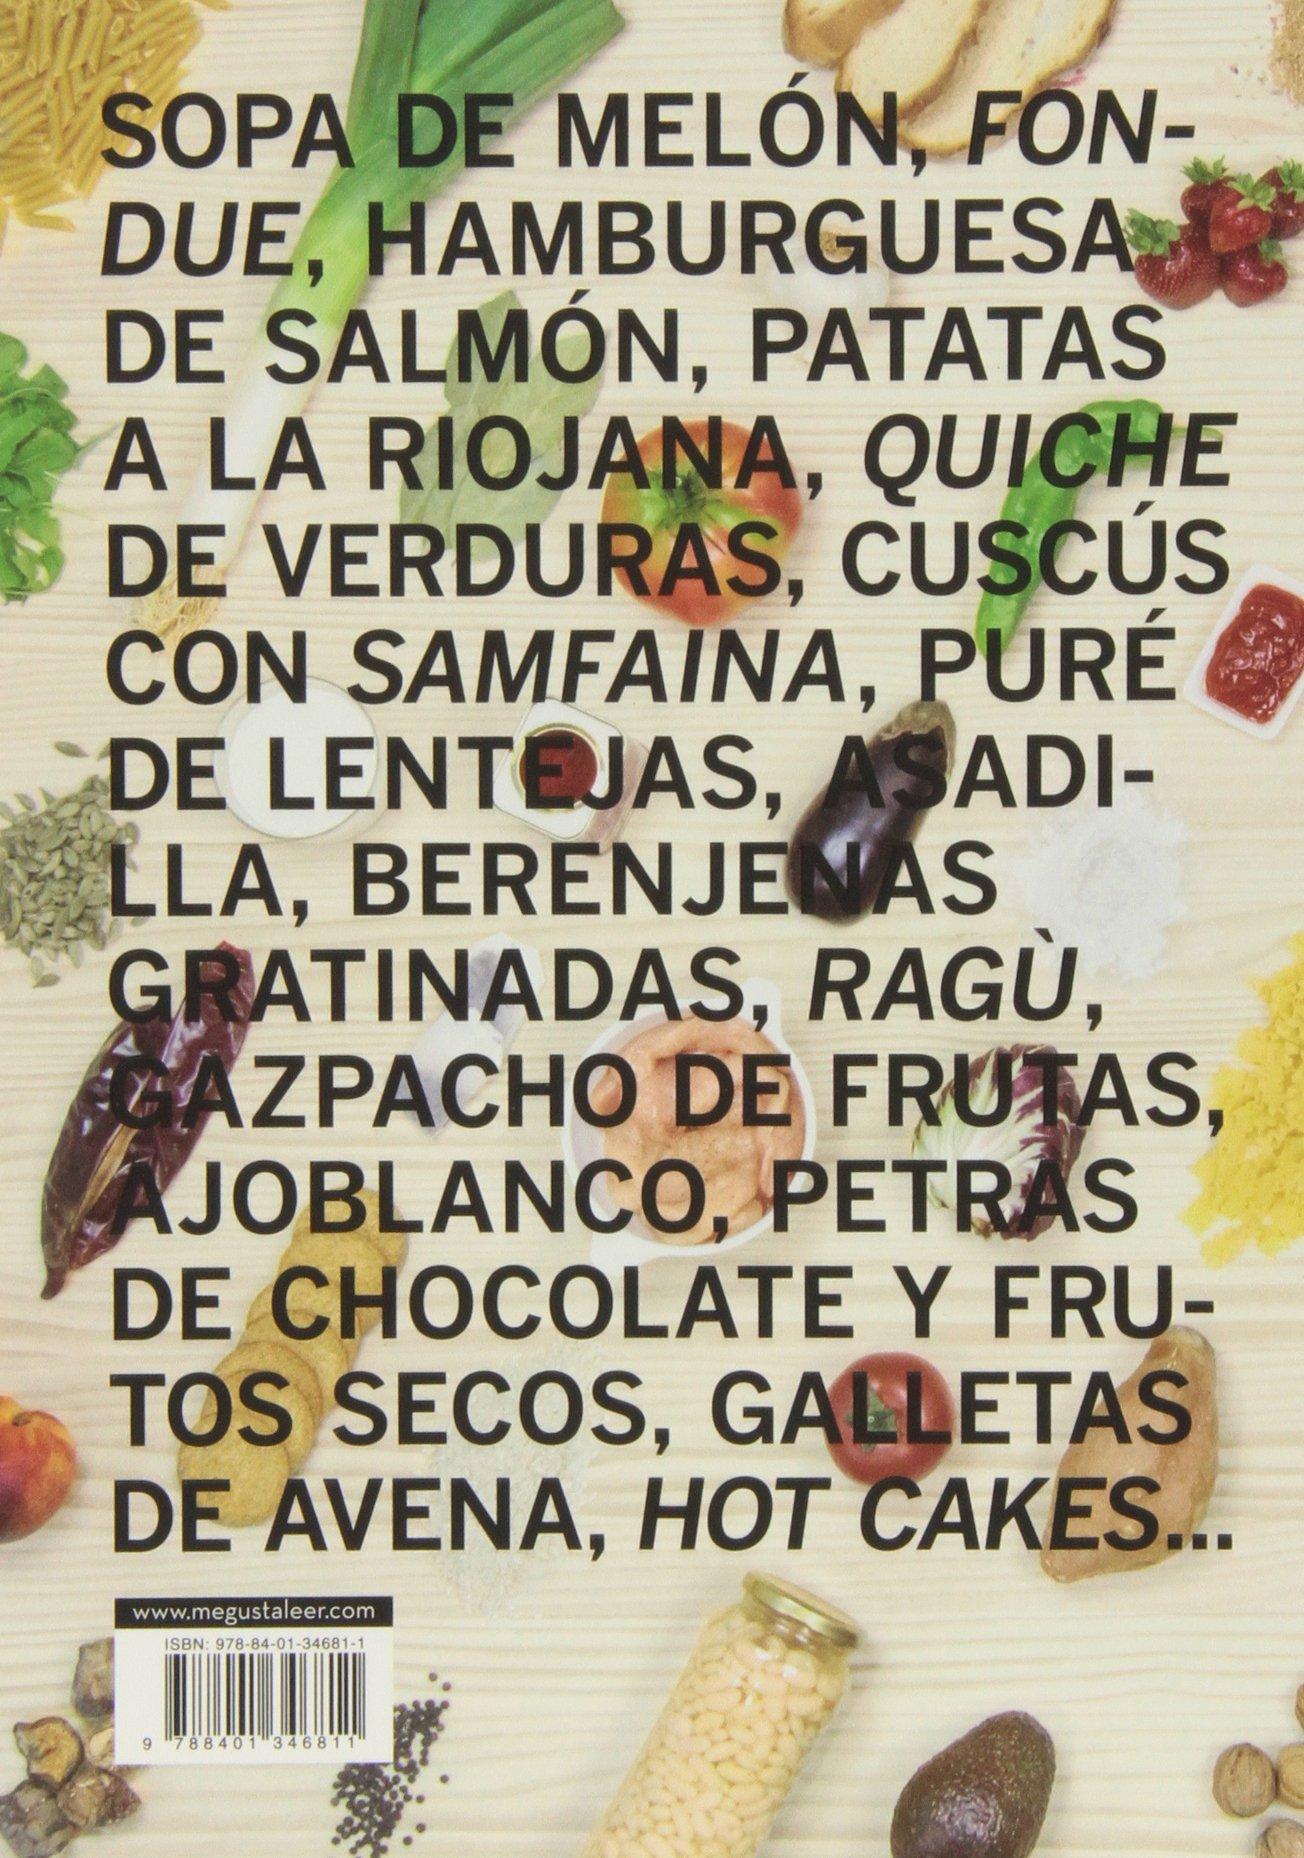 No más platos de mamá: Sesenta razones para no echarla de menos OBRAS DIVERSAS: Amazon.es: Carlos Román, Adrià Pifarré, Marc Castellví: Libros